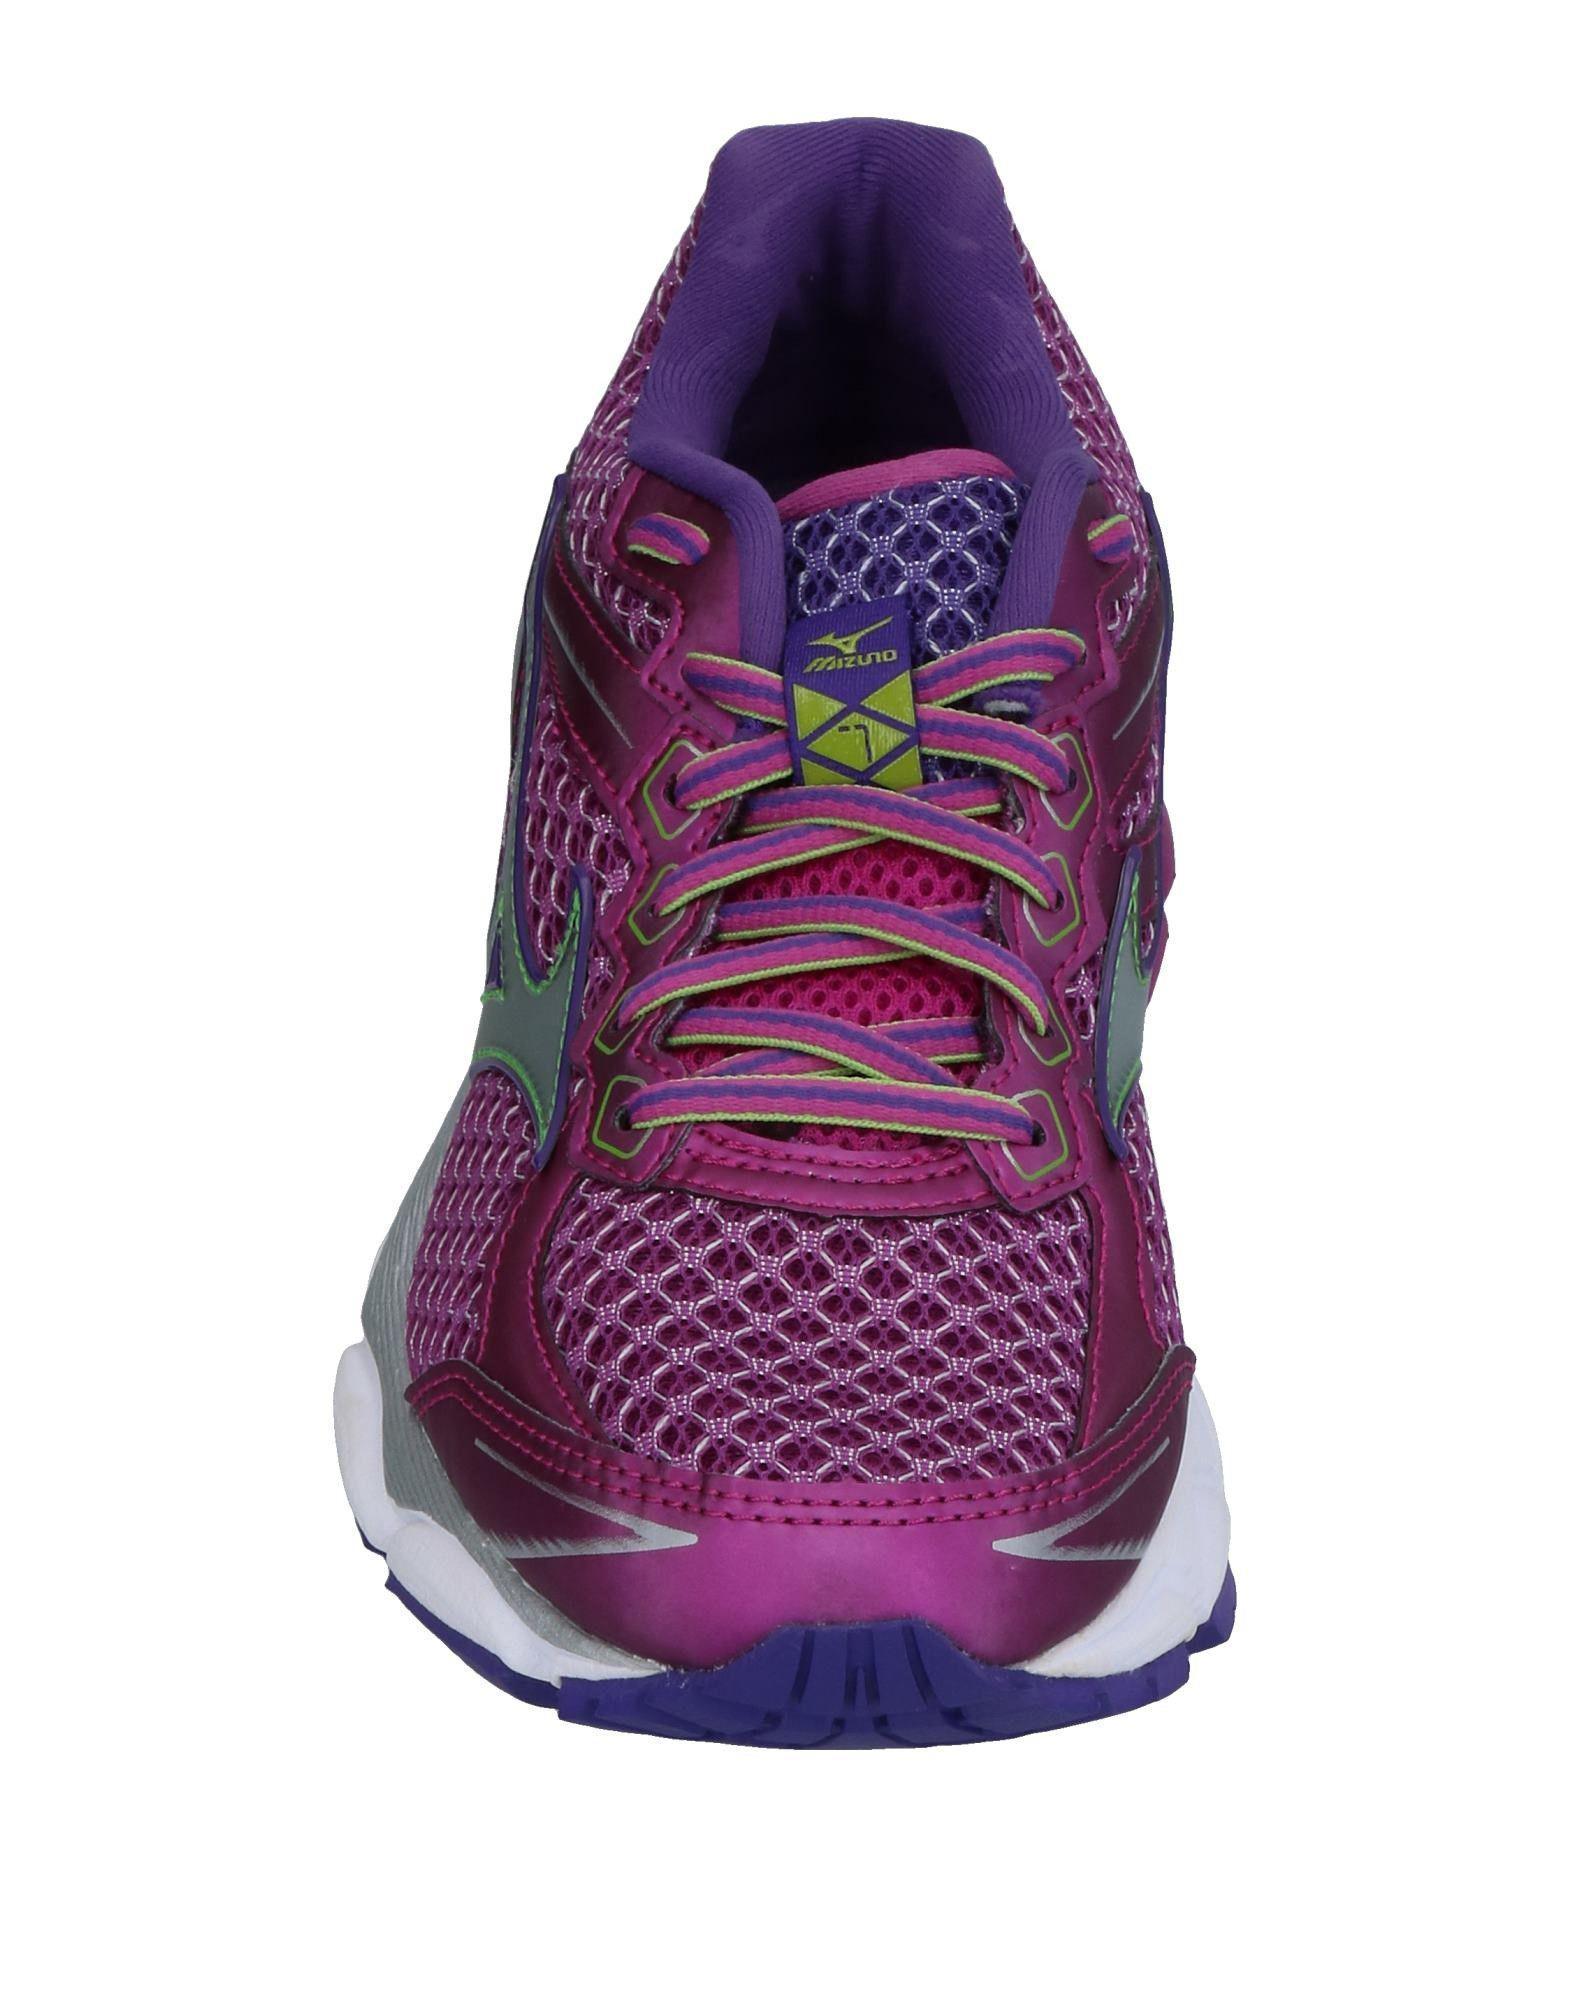 Mizuno Rubber Low-tops & Sneakers in Mauve (Purple)